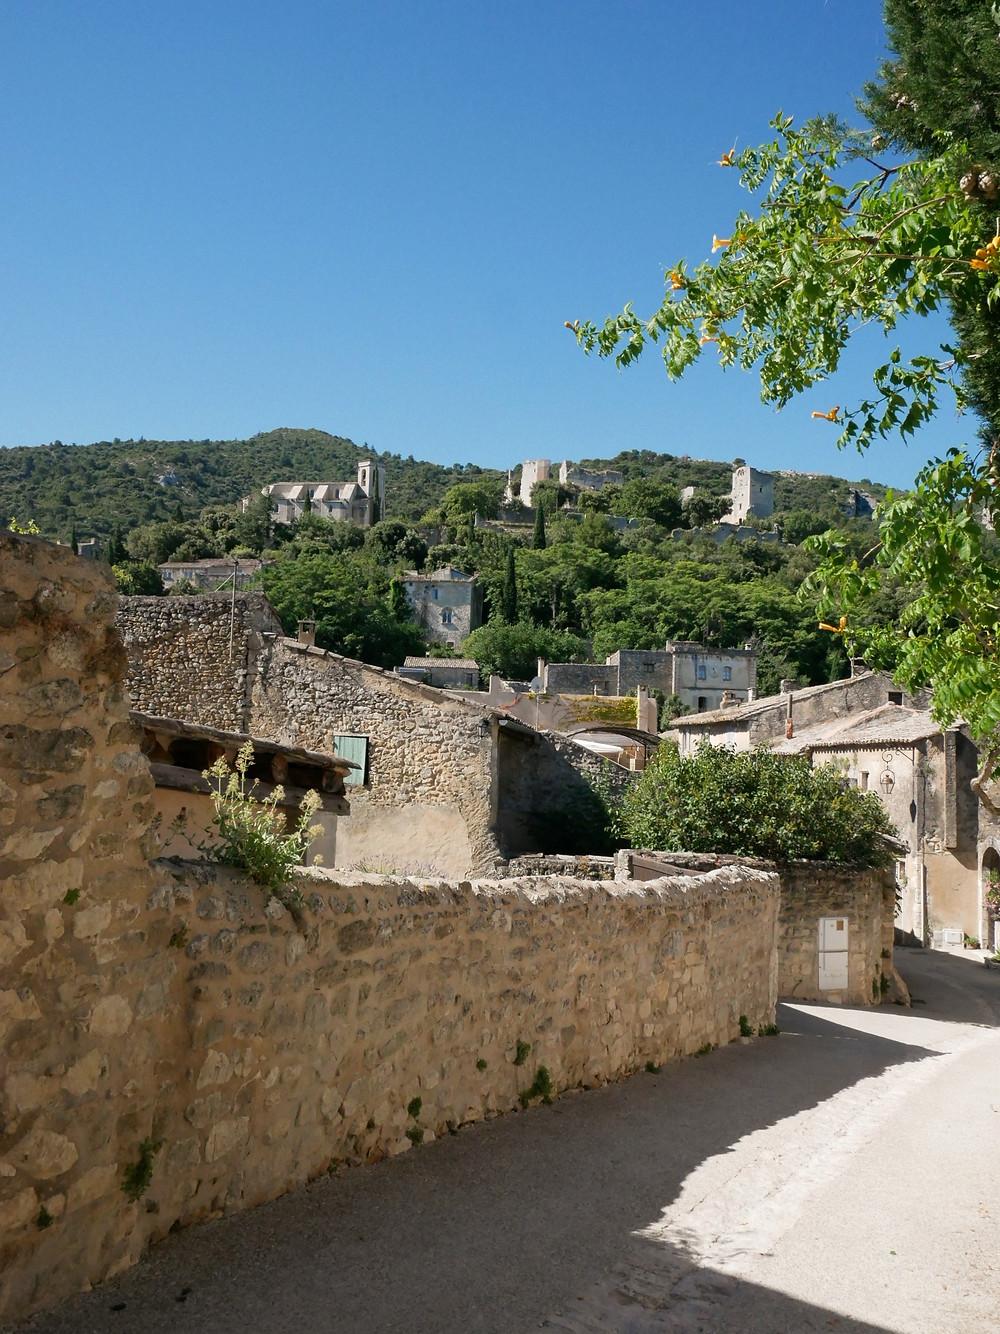 Vue sur le village médiéval